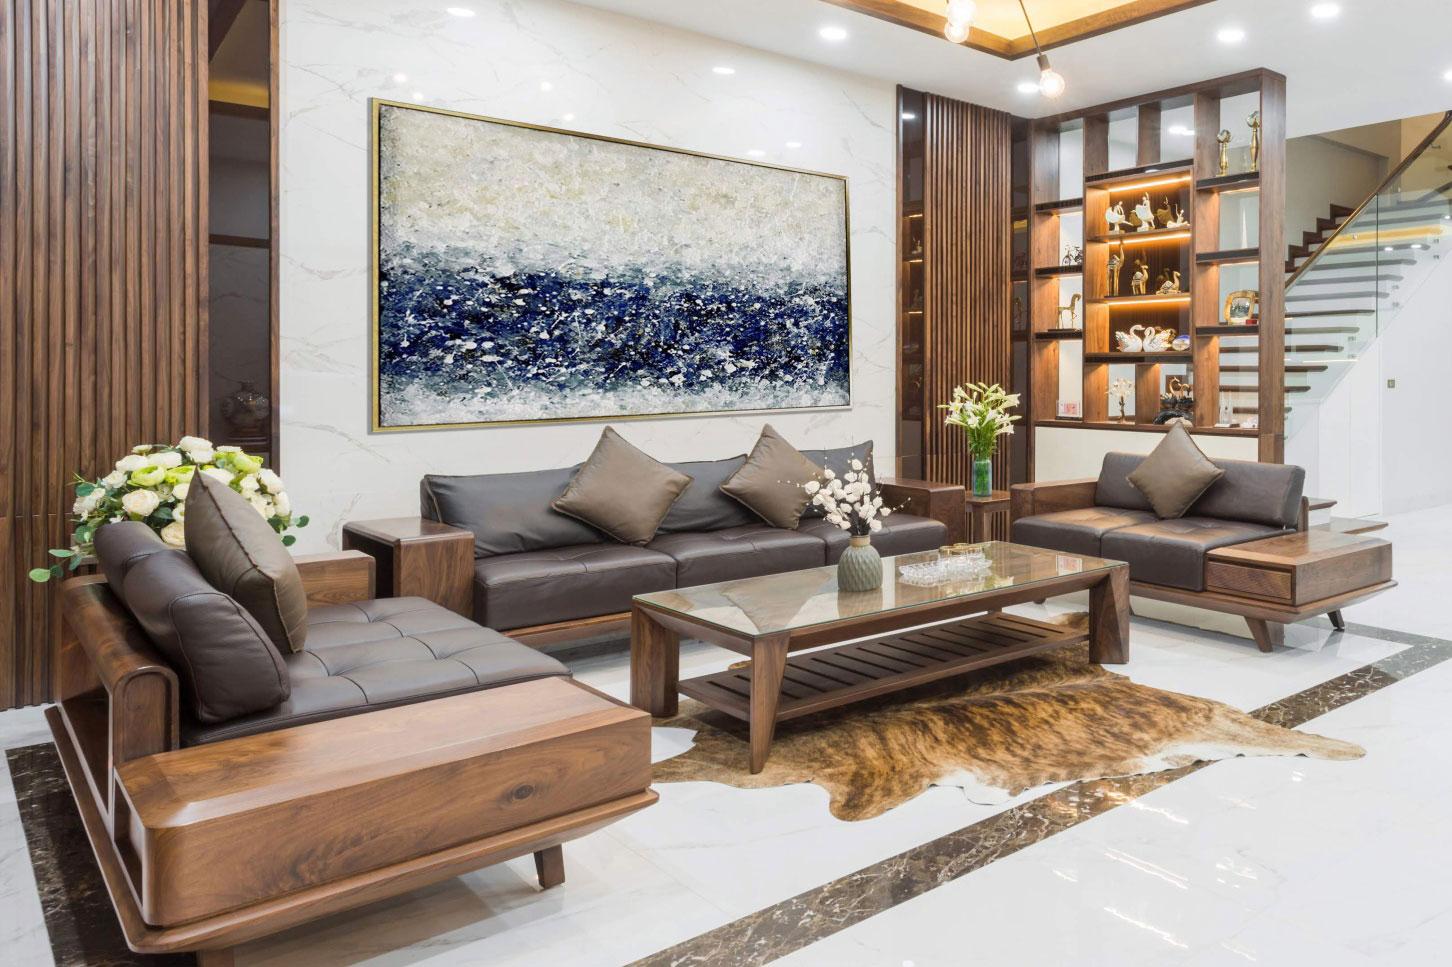 Mẫu sofa gỗ tự nhiên phong cách hiện đại cho phòng khách biệt thự mini